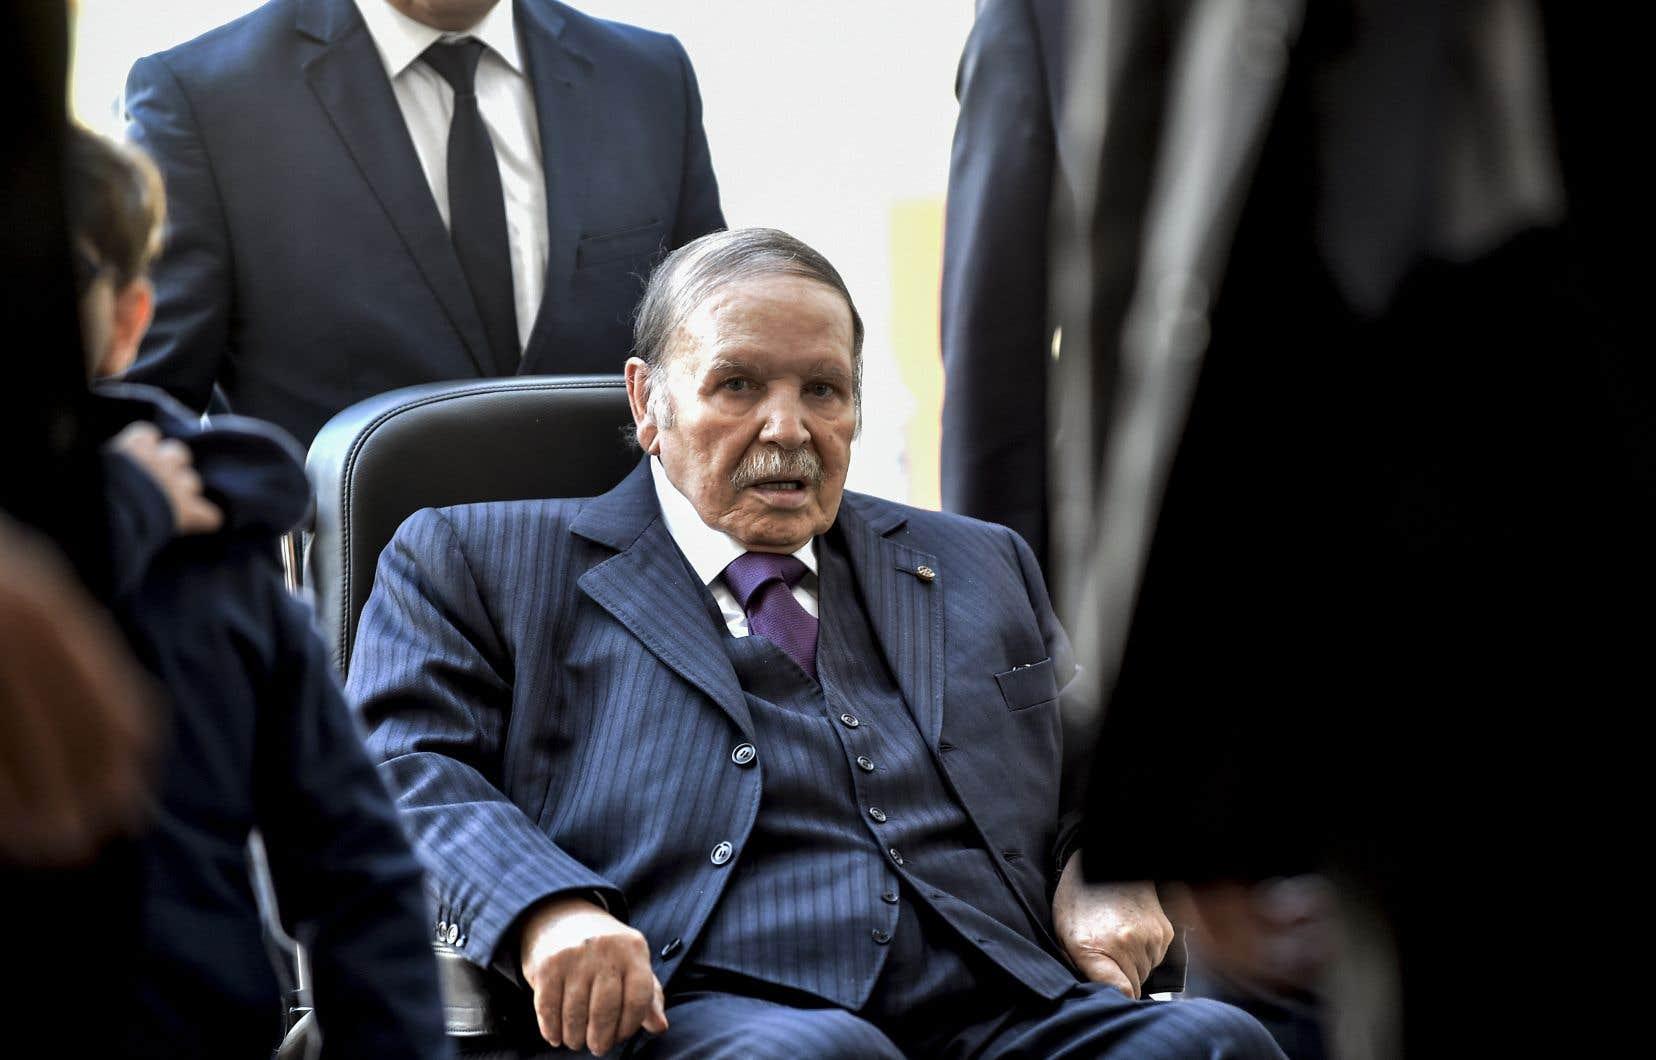 Âgé de 82ans, AbdelazizBouteflika est affaibli par les séquelles d'un AVC, qui l'ont empêché depuis 2013 de s'adresser de vive voix à ses concitoyens.